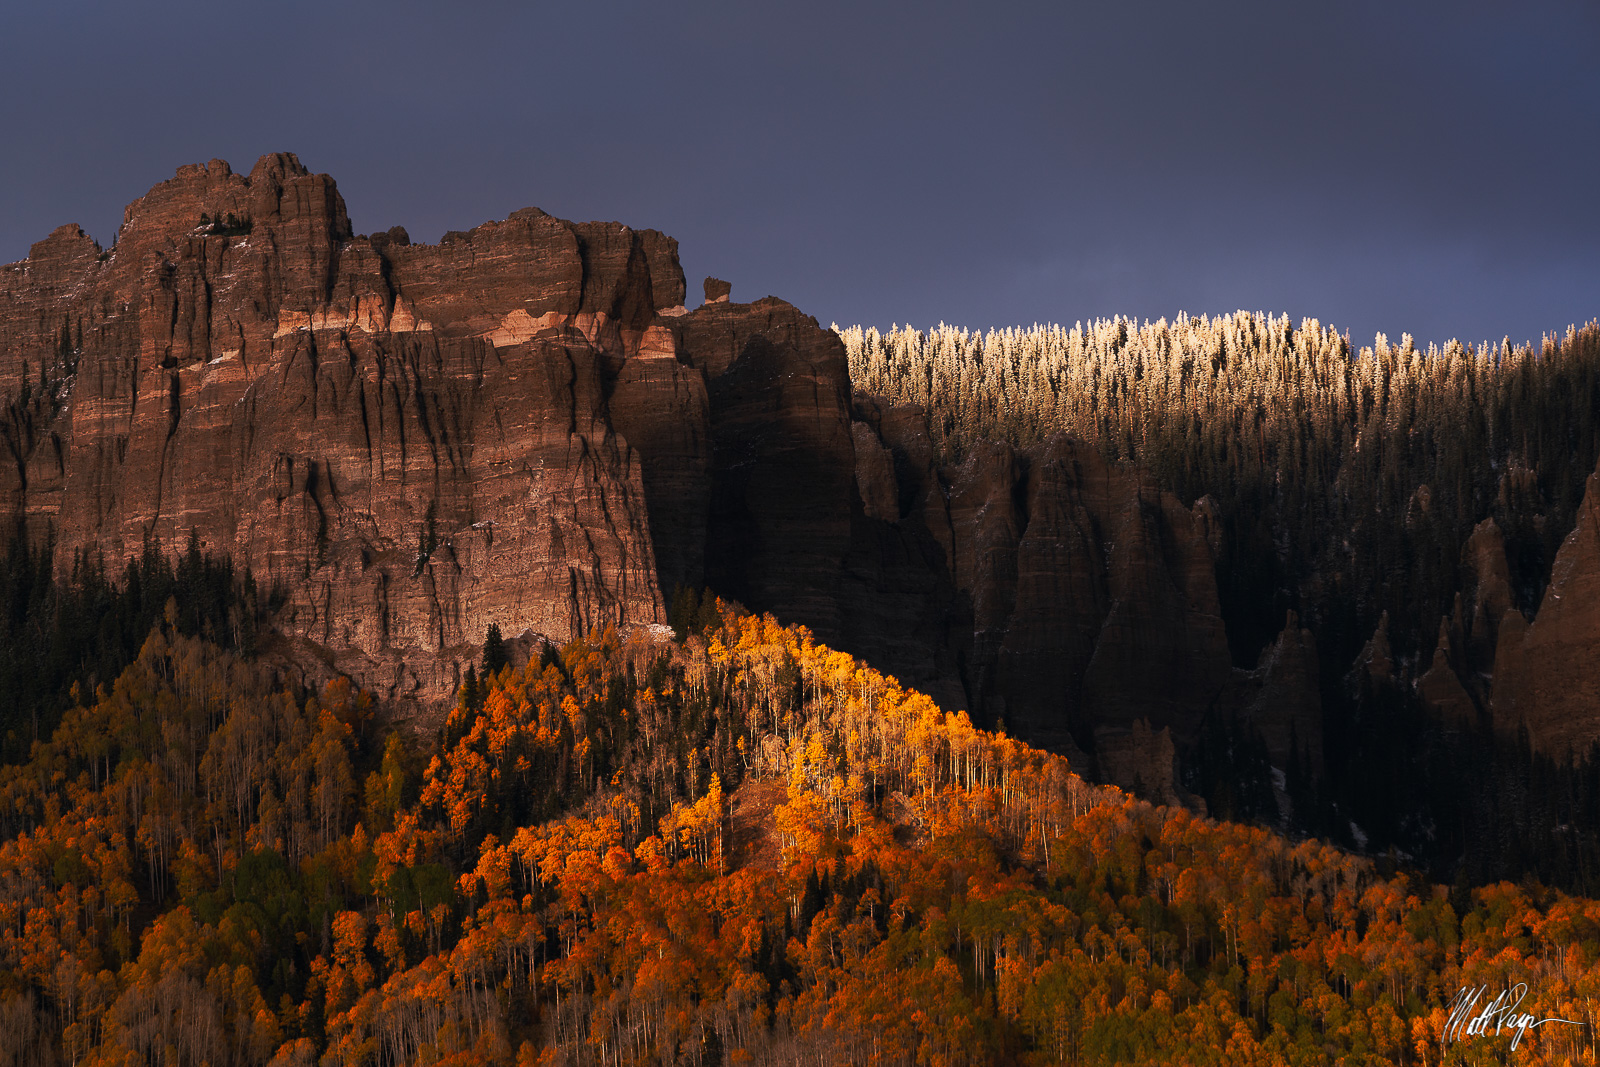 Aspen Trees, Autumn, Cimarron Mountains, Cliffs, Colorado, Ridgway, Snow, San Juan Mountains, photo